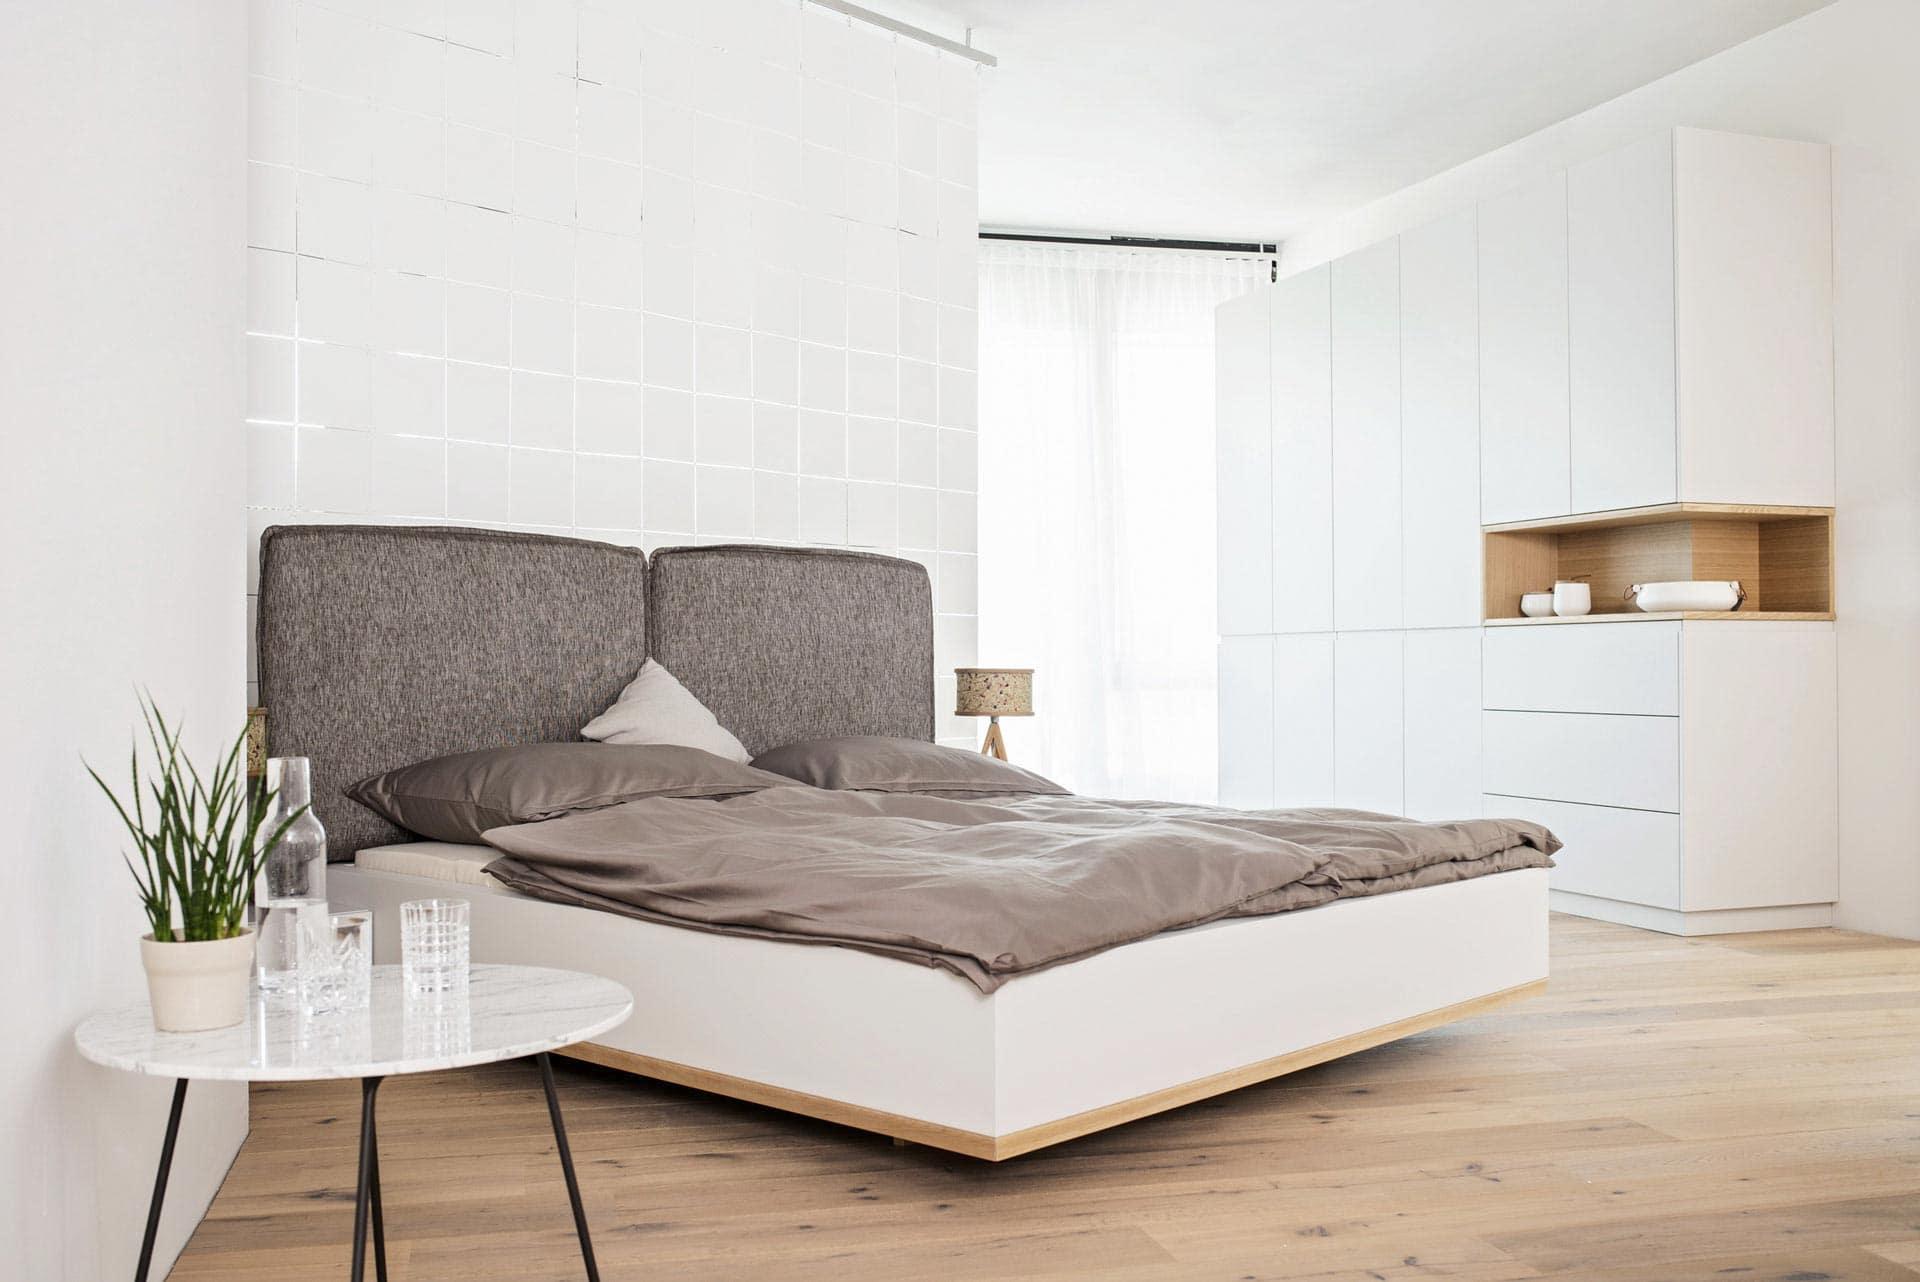 couchzone - Interior Design Innsbruck - modernes Bett